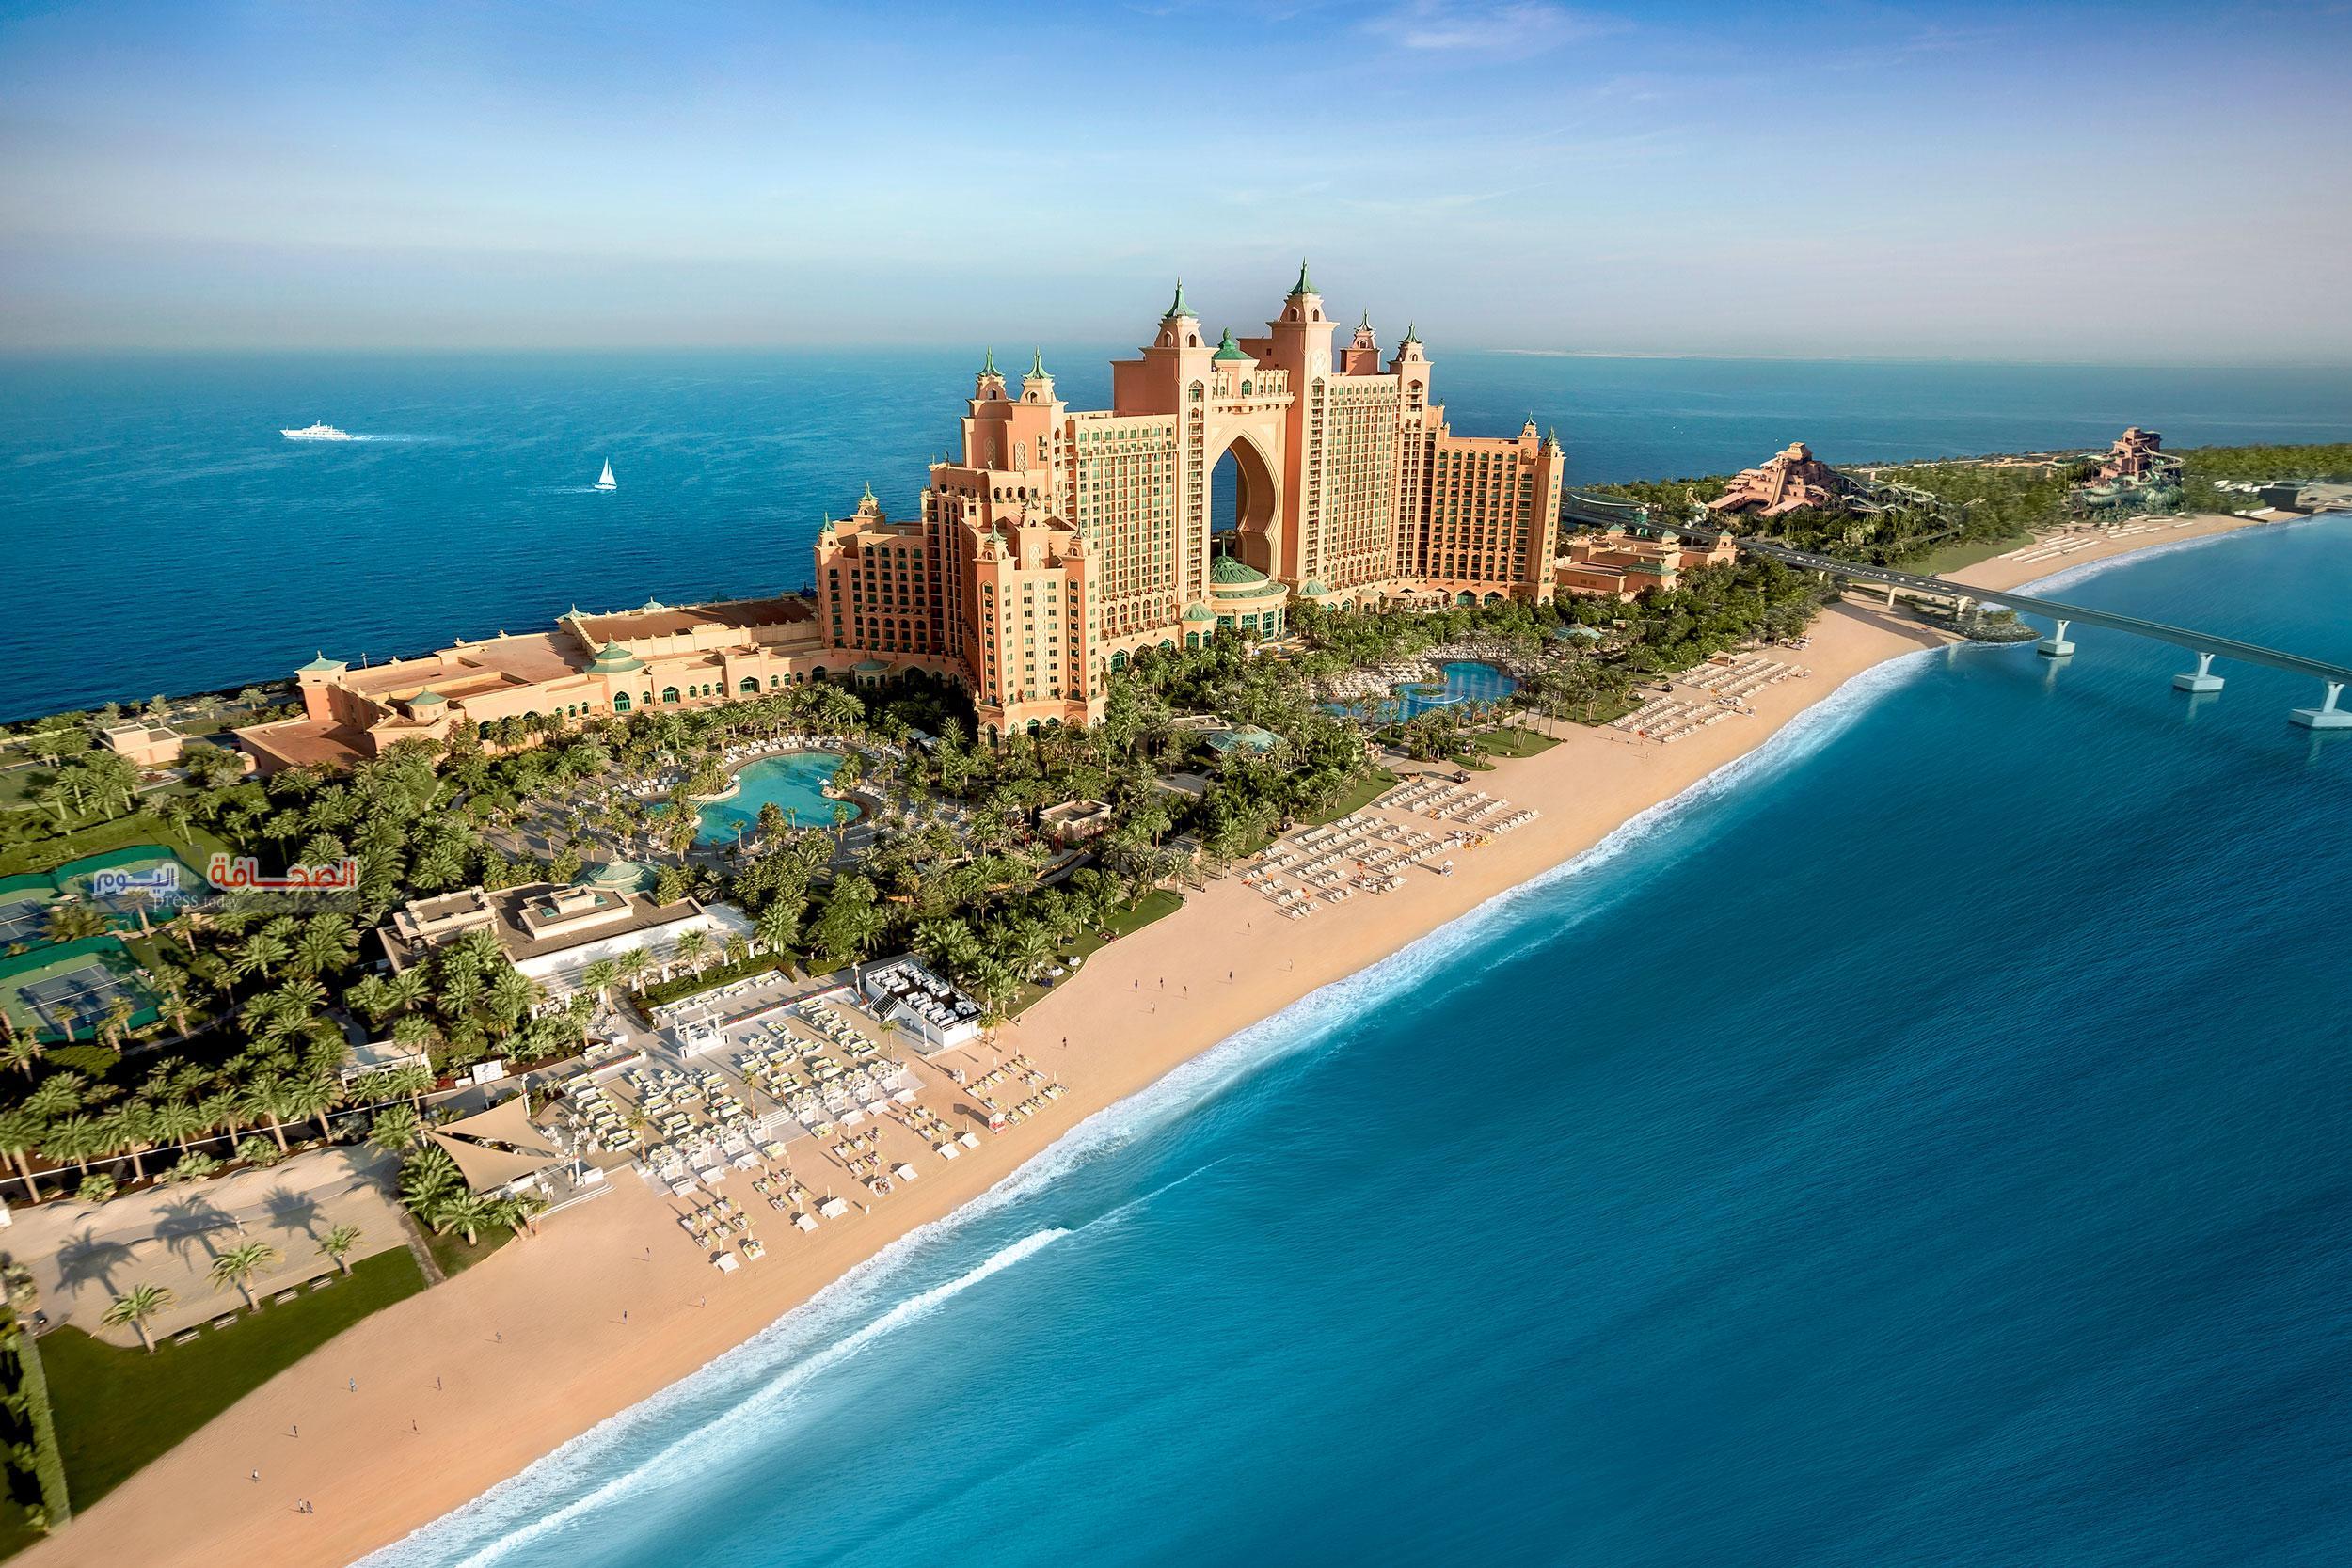 منتجع أتلانتس النخلة في دبي الأكثر شهرةً في الشرق الأوسط